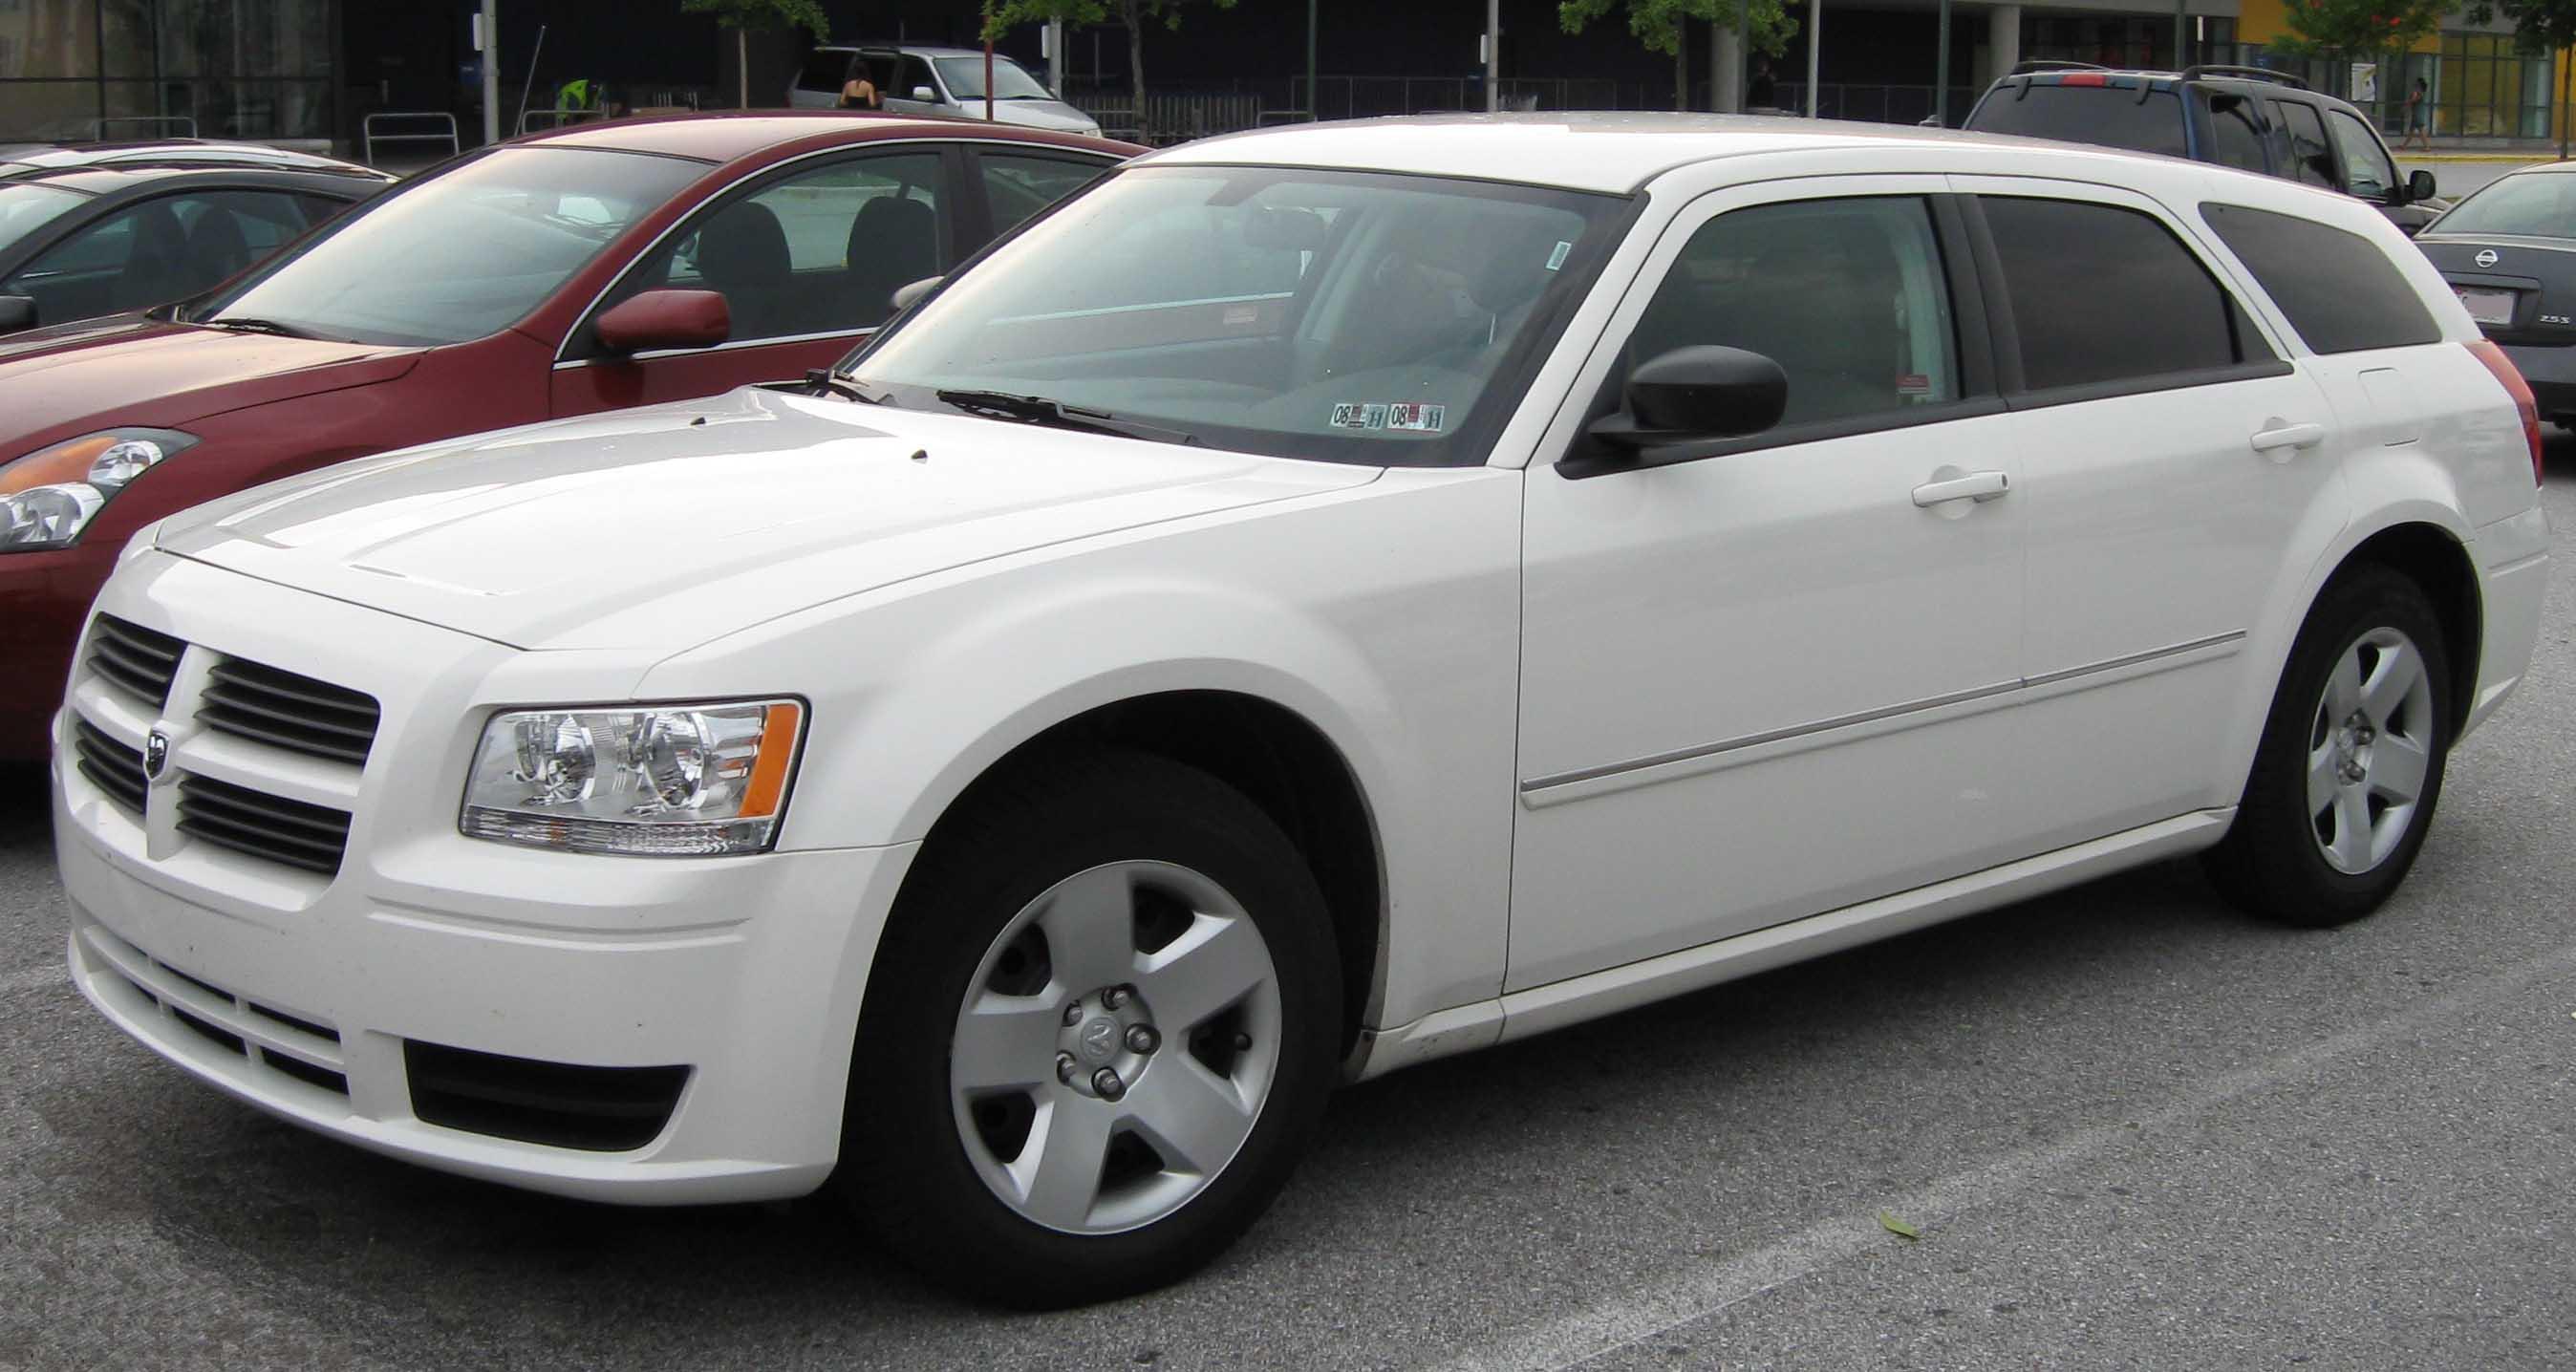 Dodge Magnum 2008 foto - 1